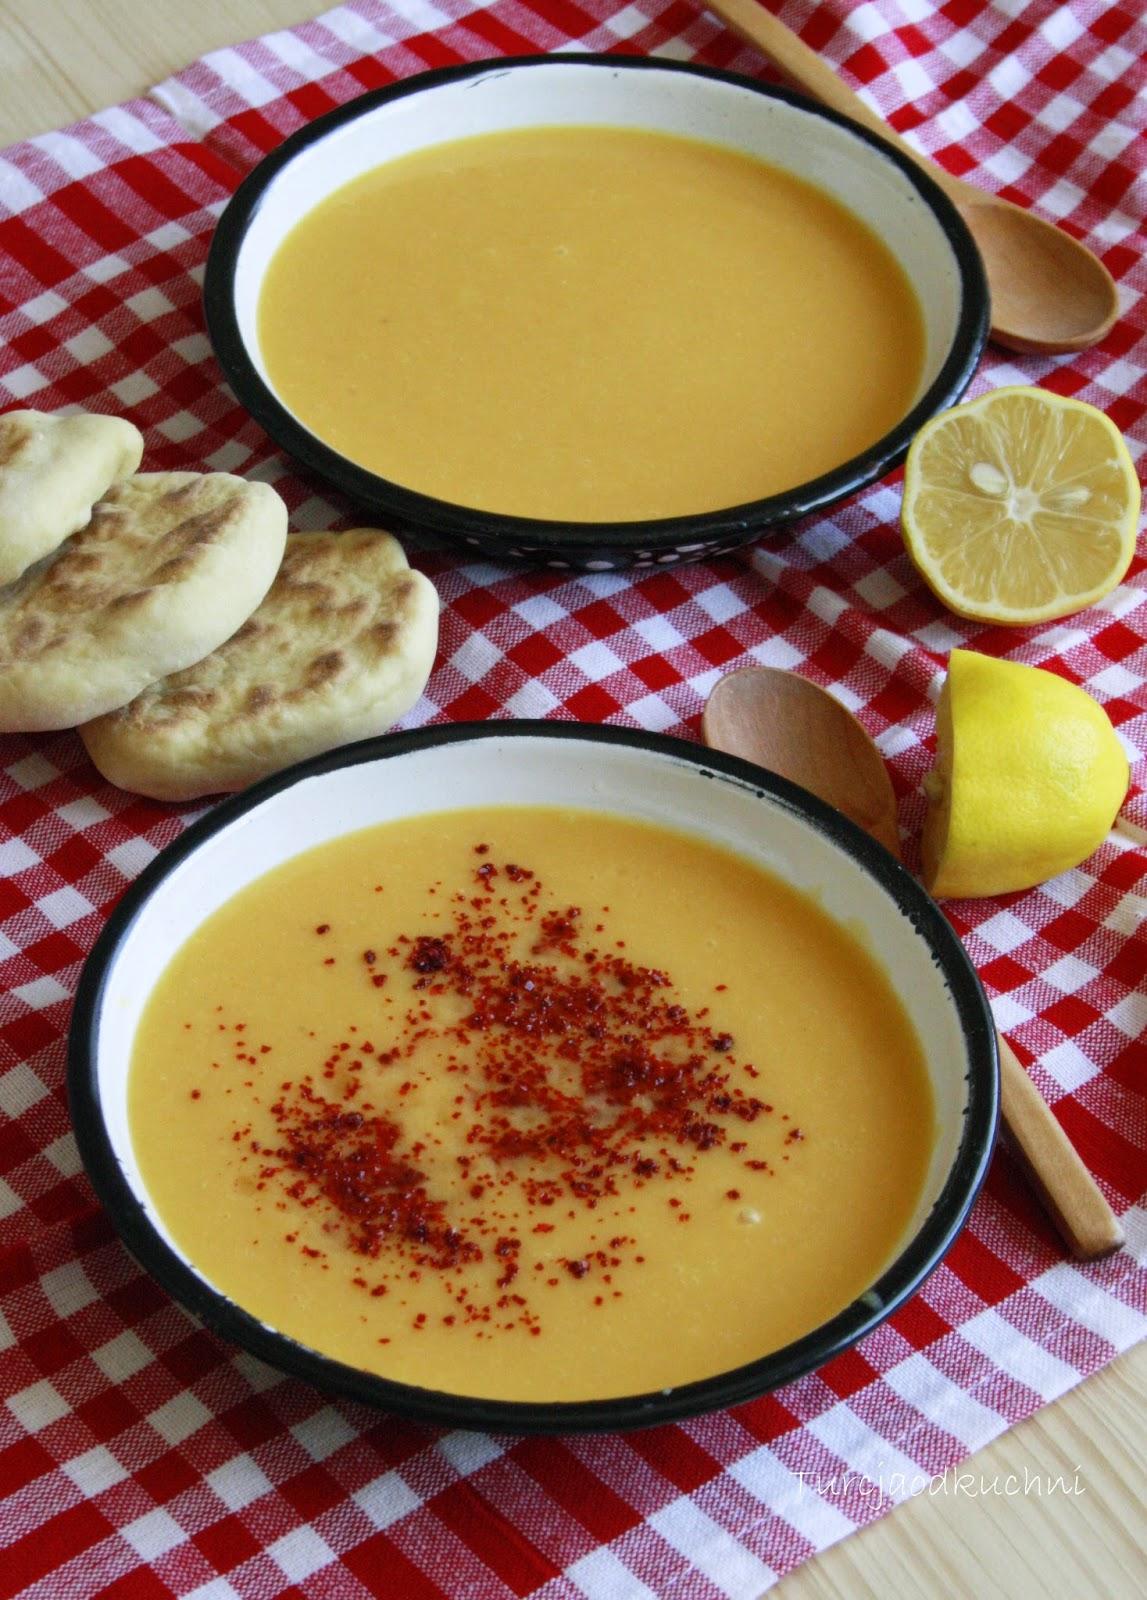 Turcja Od Kuchni Klasyczna Turecka Zupa Z Soczewicy